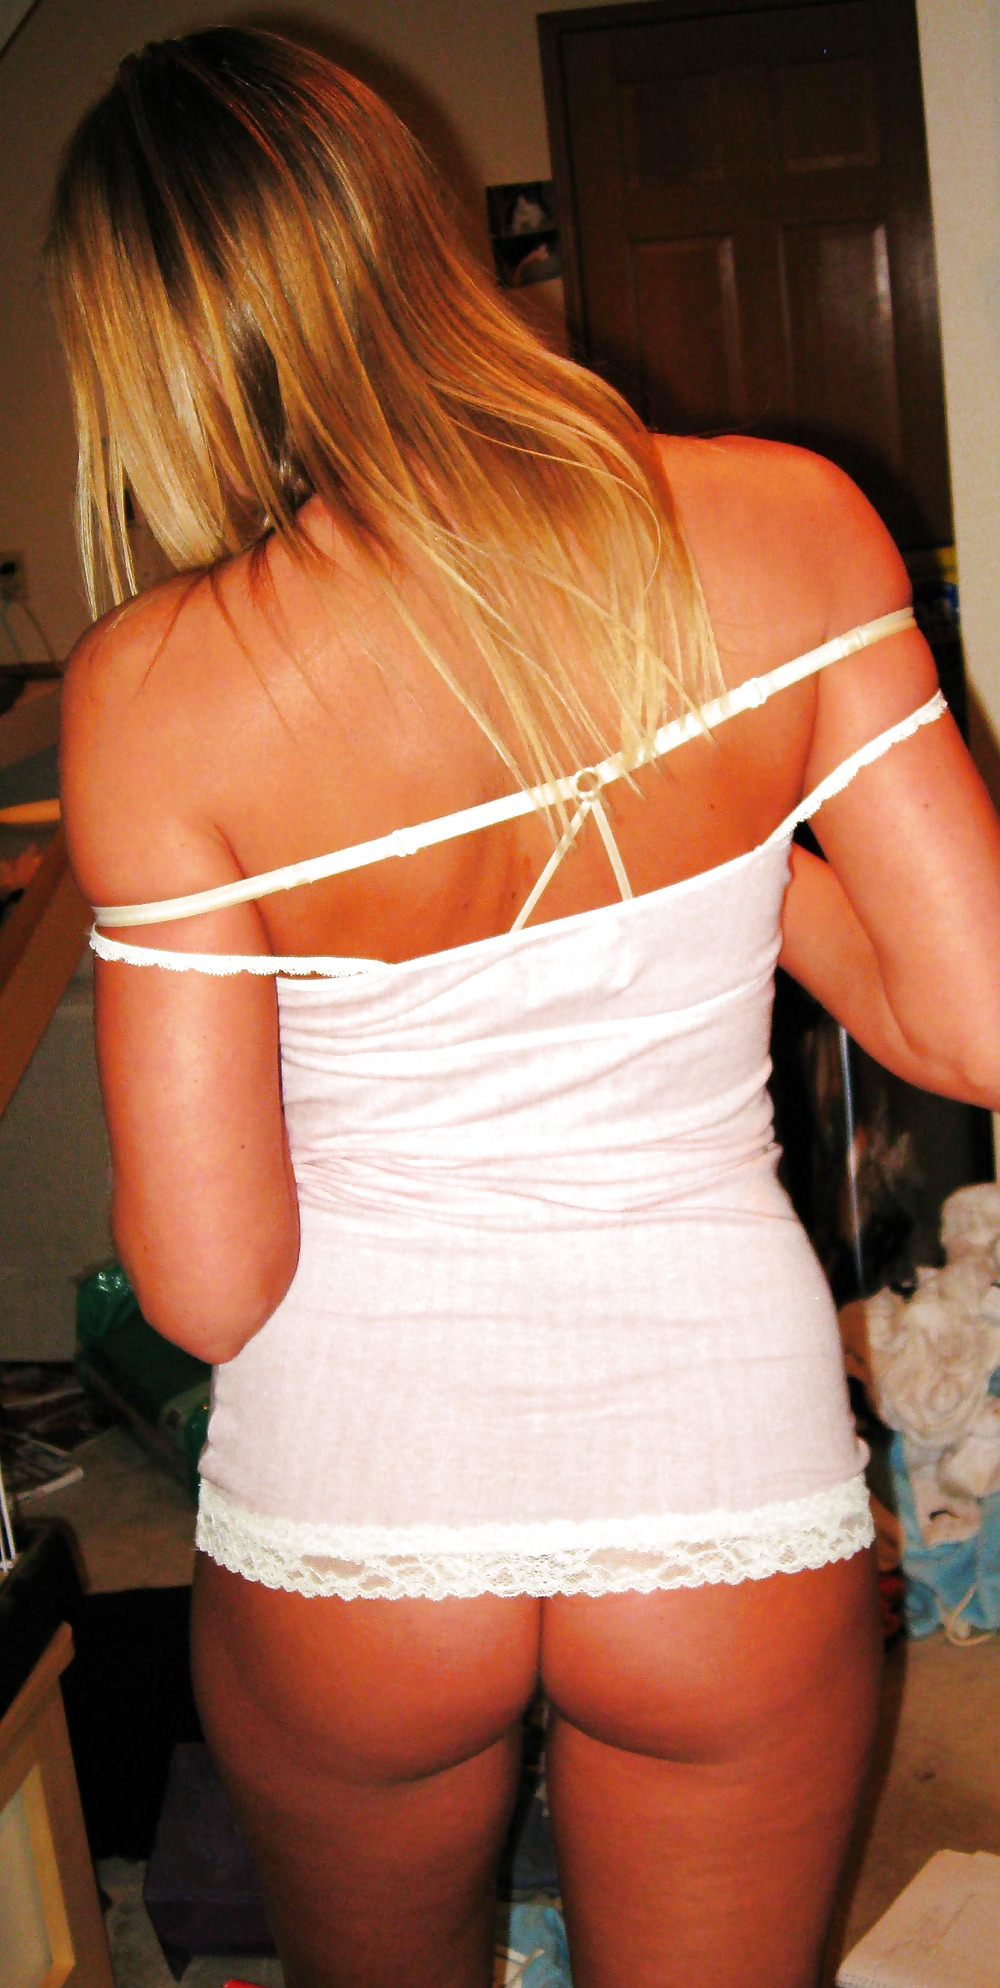 Пышногрудая блондинка полирует кукан ротиком в домашних условиях